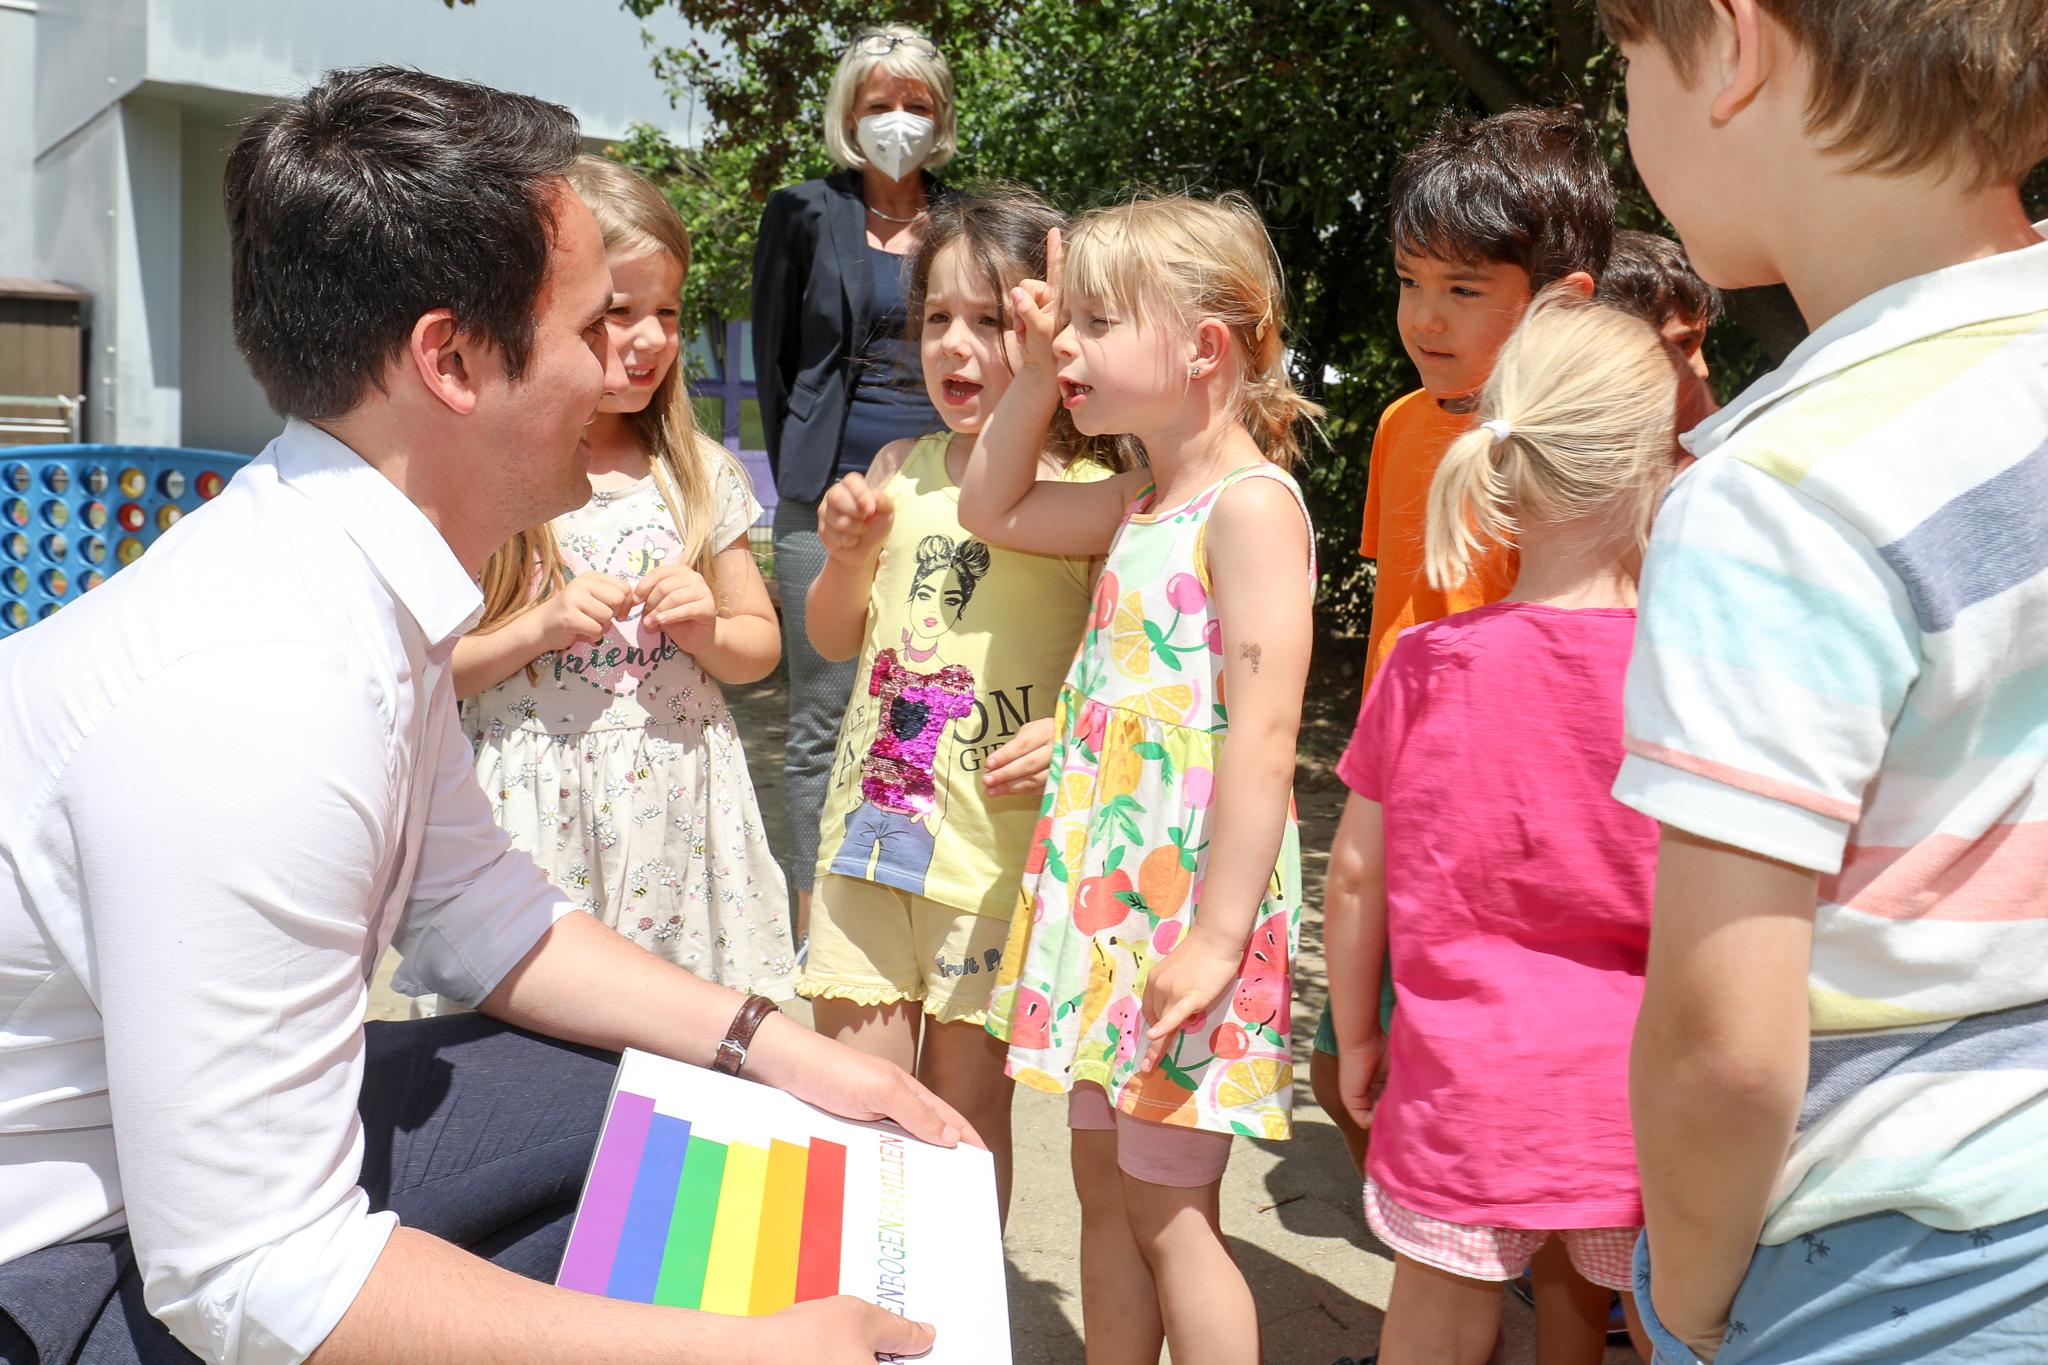 Beč potiče toleranciju i poštovanje različitosti već u vrtićkoj dobi